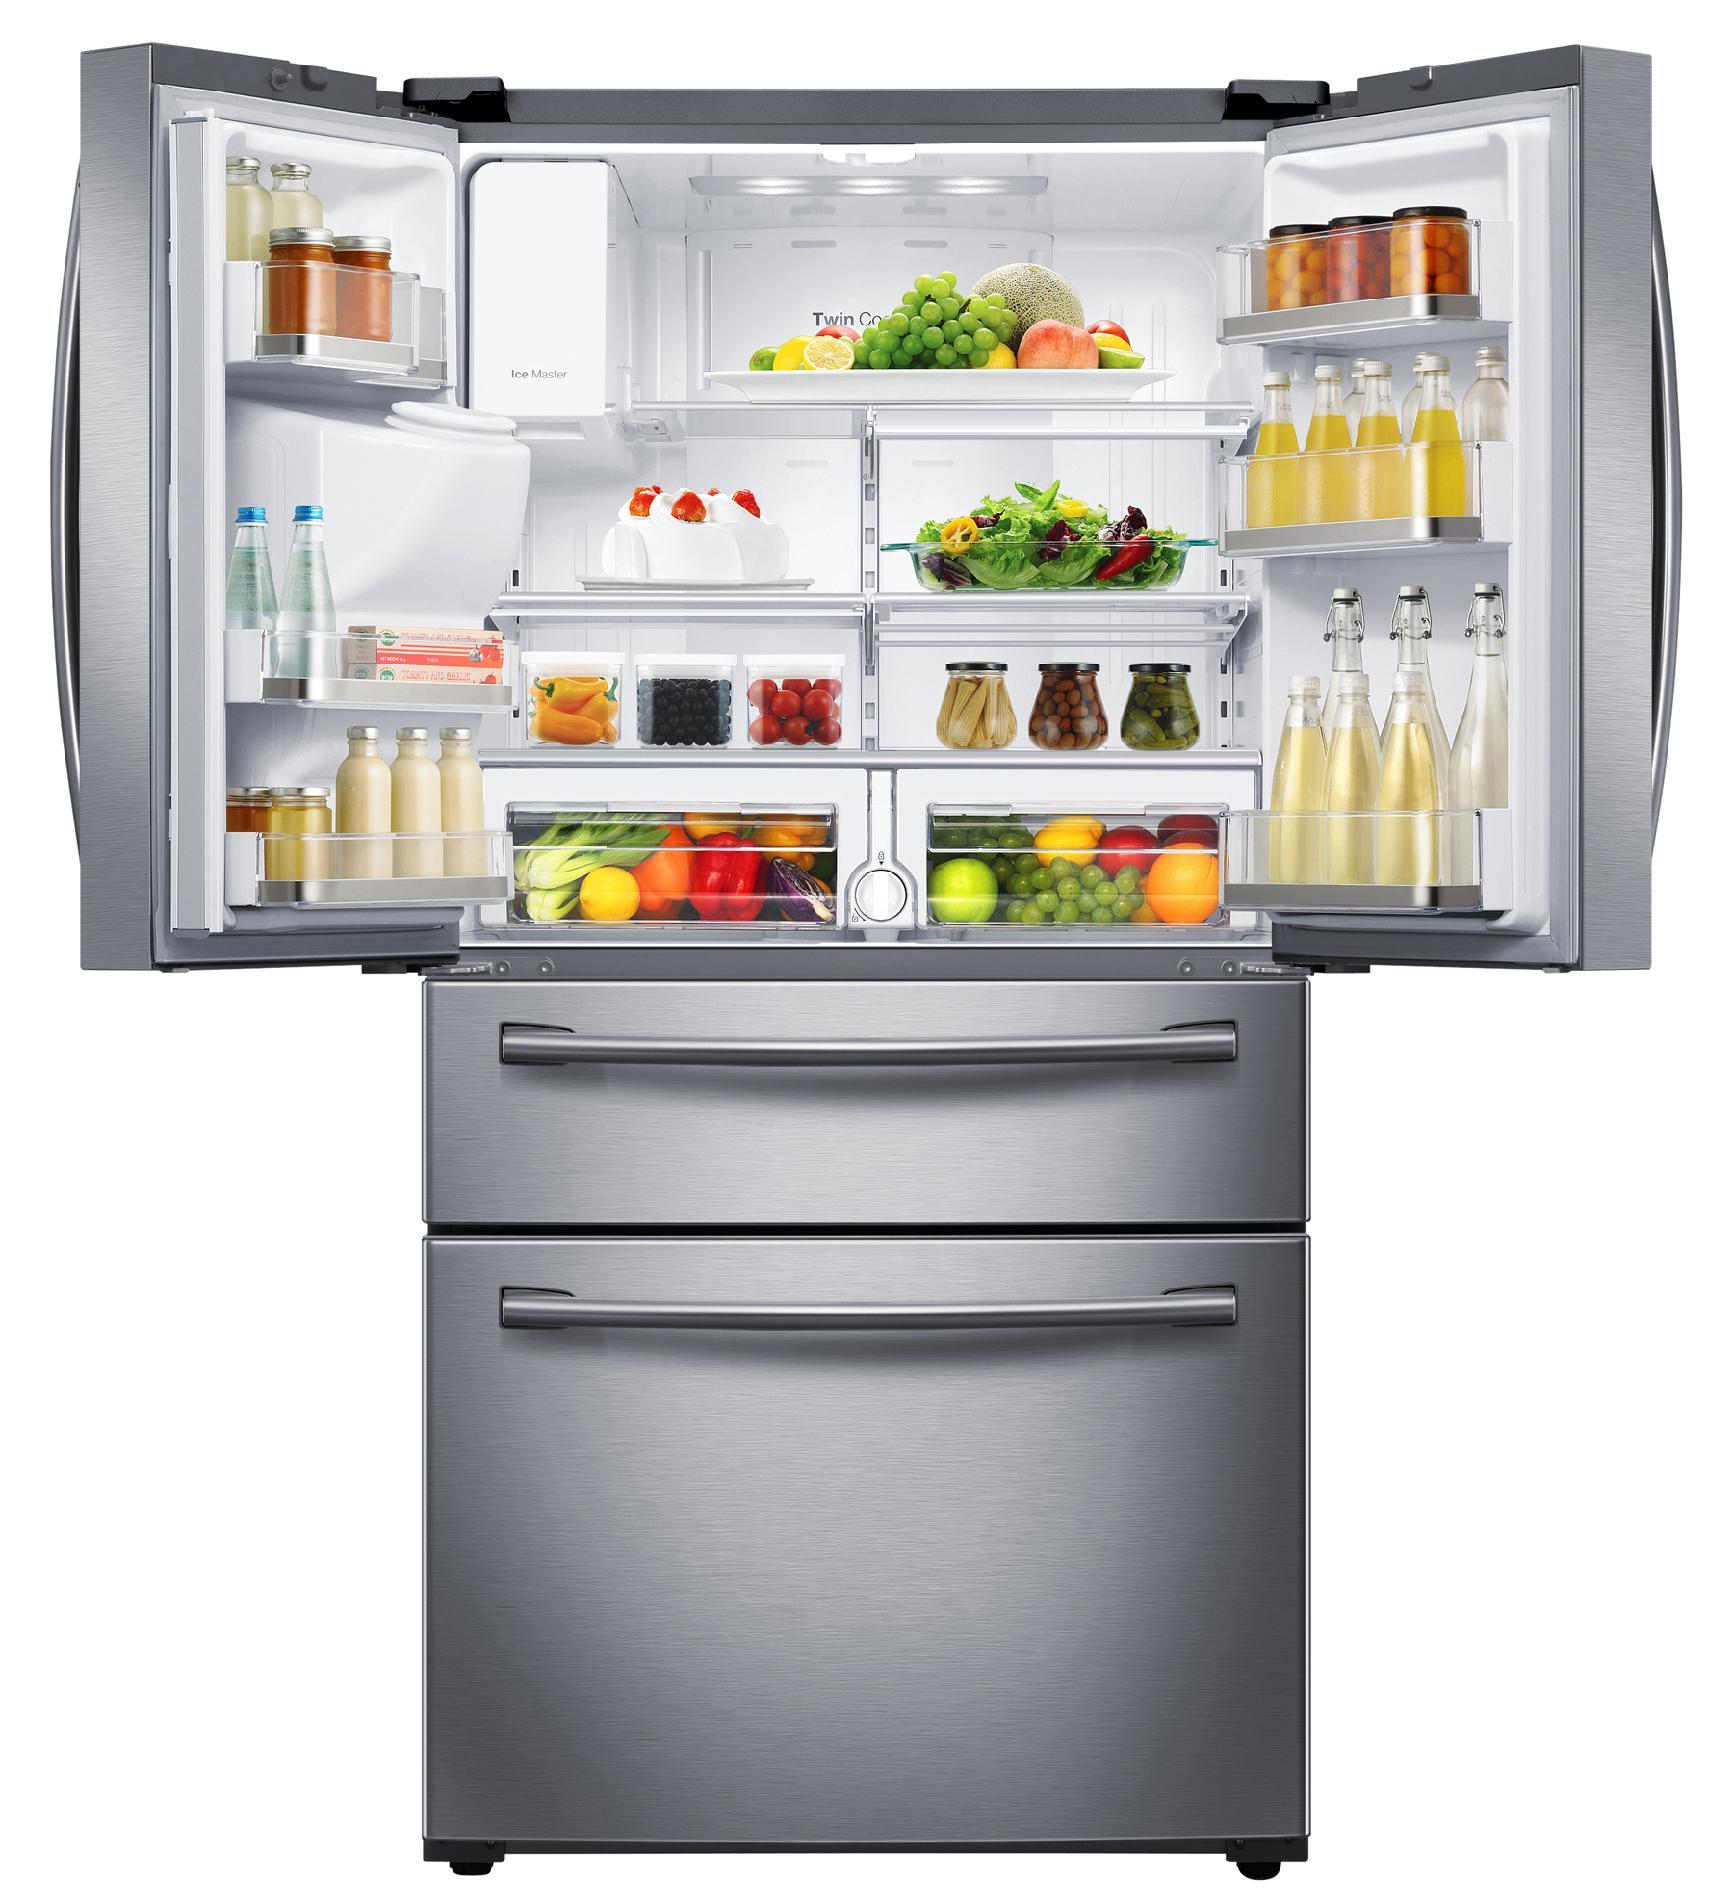 Samsung RF28HMEDBSR/AA 28 cu. ft. 4-Door French Door Refrigerator - Stainless Steel